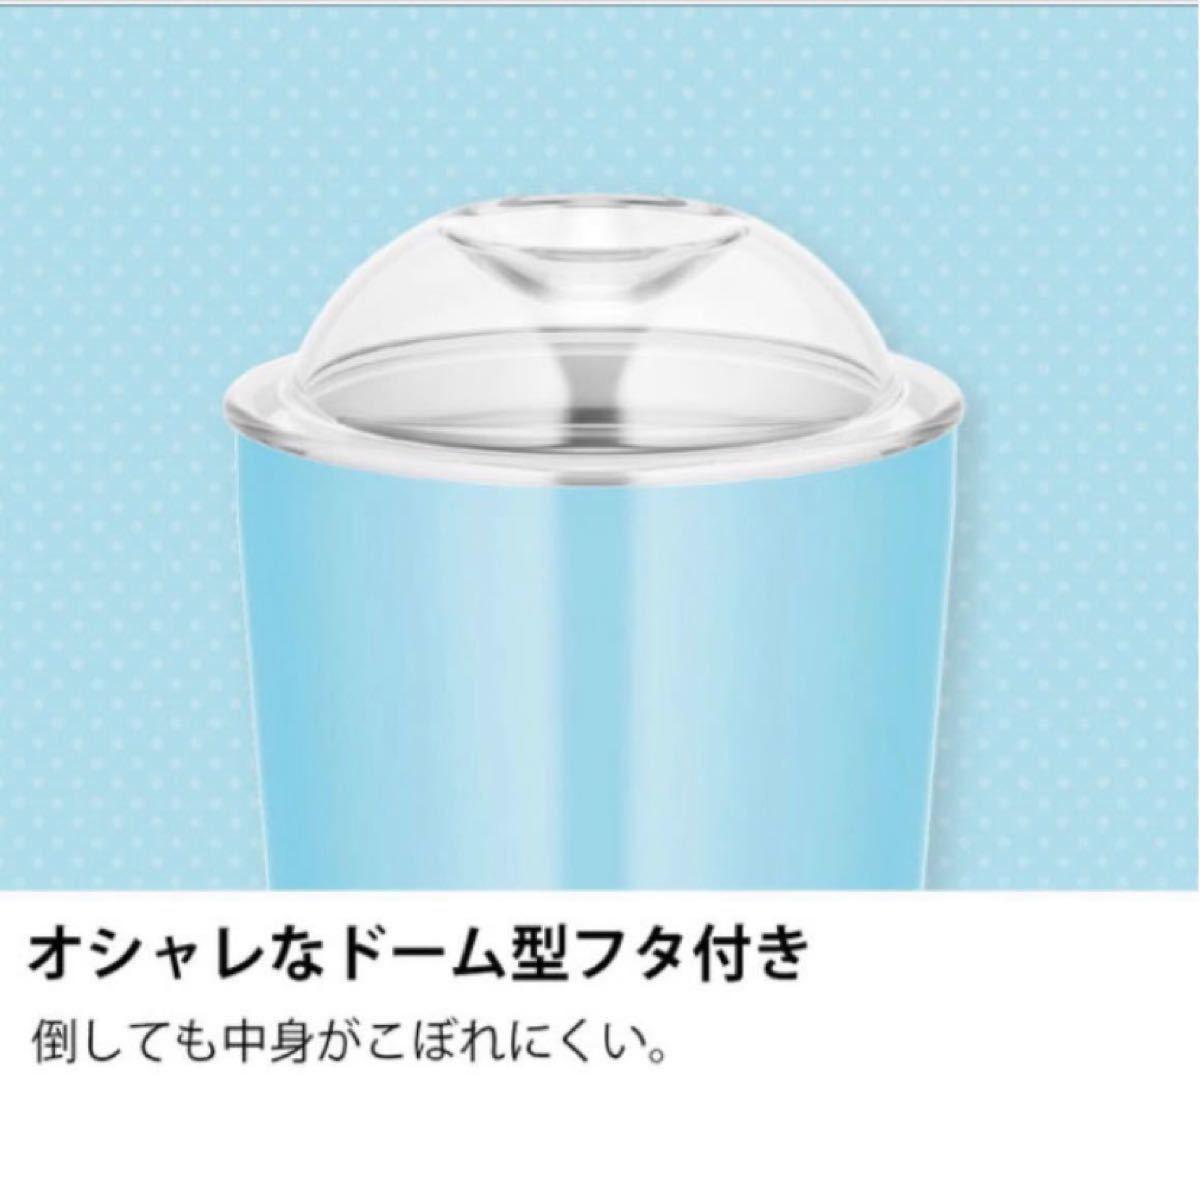 サーモス真空断熱タンブラー  保冷ストローカップ ライトブルー オレンジ 300ml ×2ステンレス製 魔法びん構造 ストロー付き